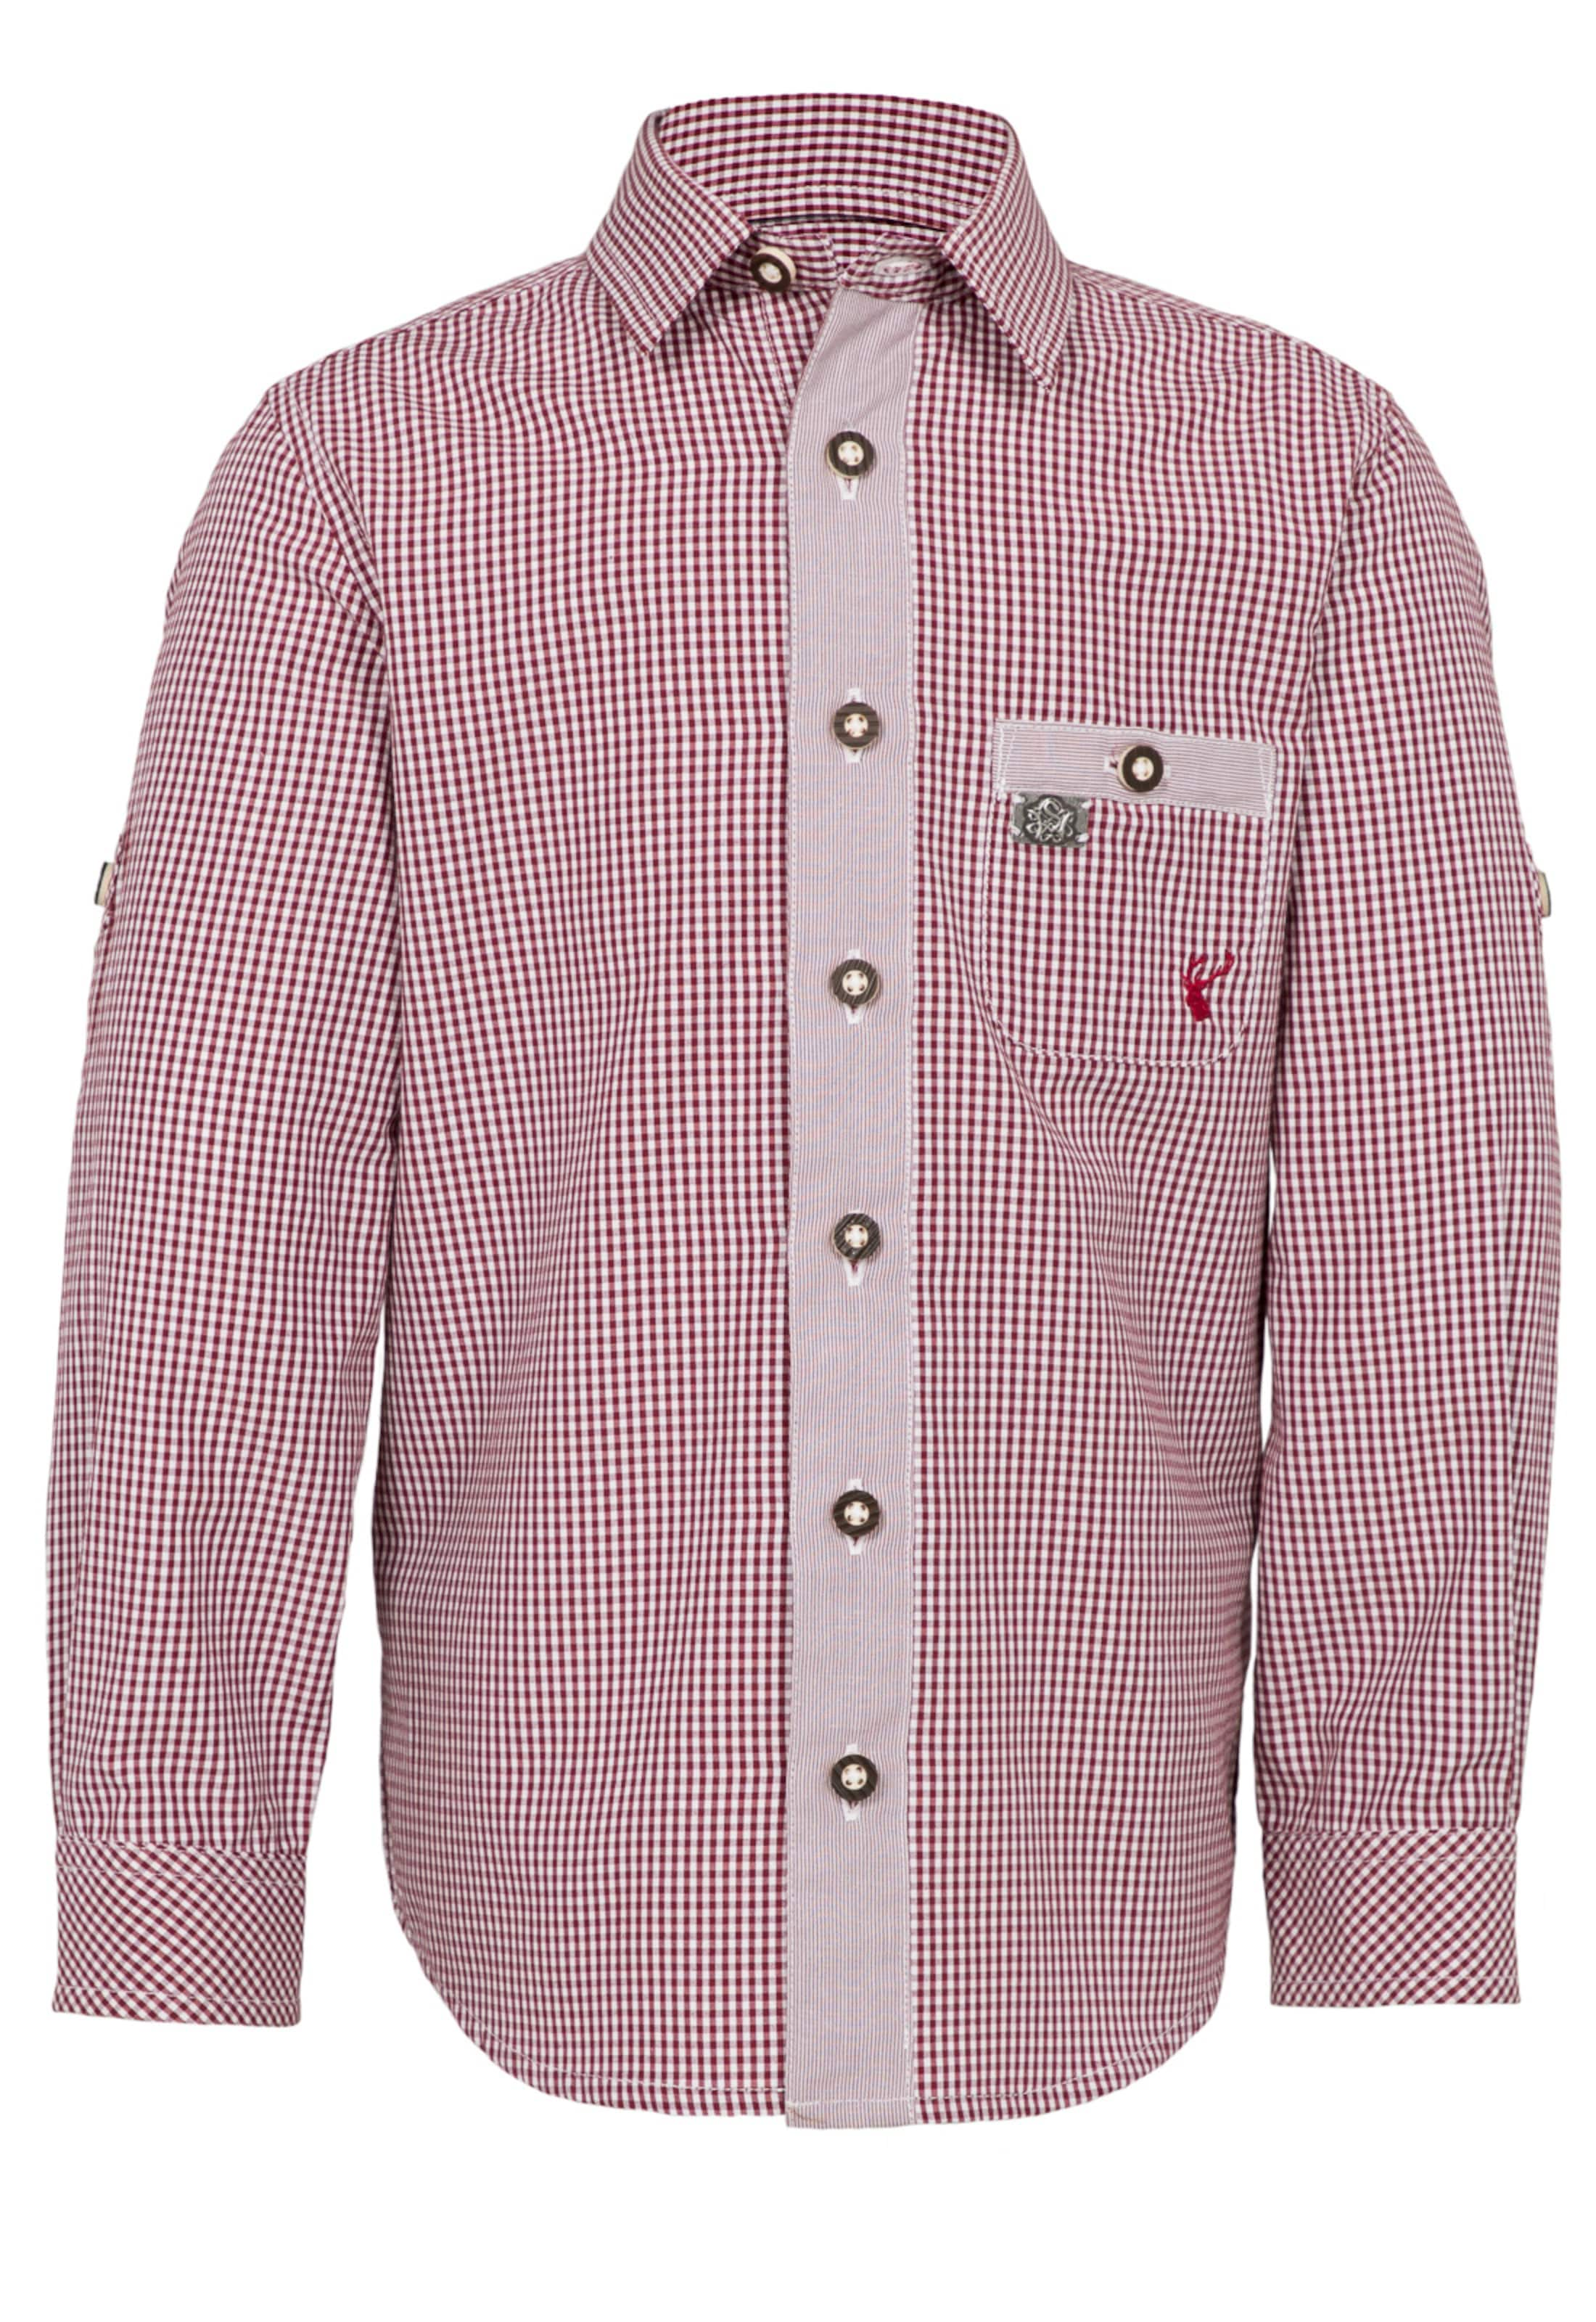 Jungen,  Kinder,  Kinder SPIETH & WENSKY Trachtenhemd 'Falke' rot,  weiß | 04059829106581